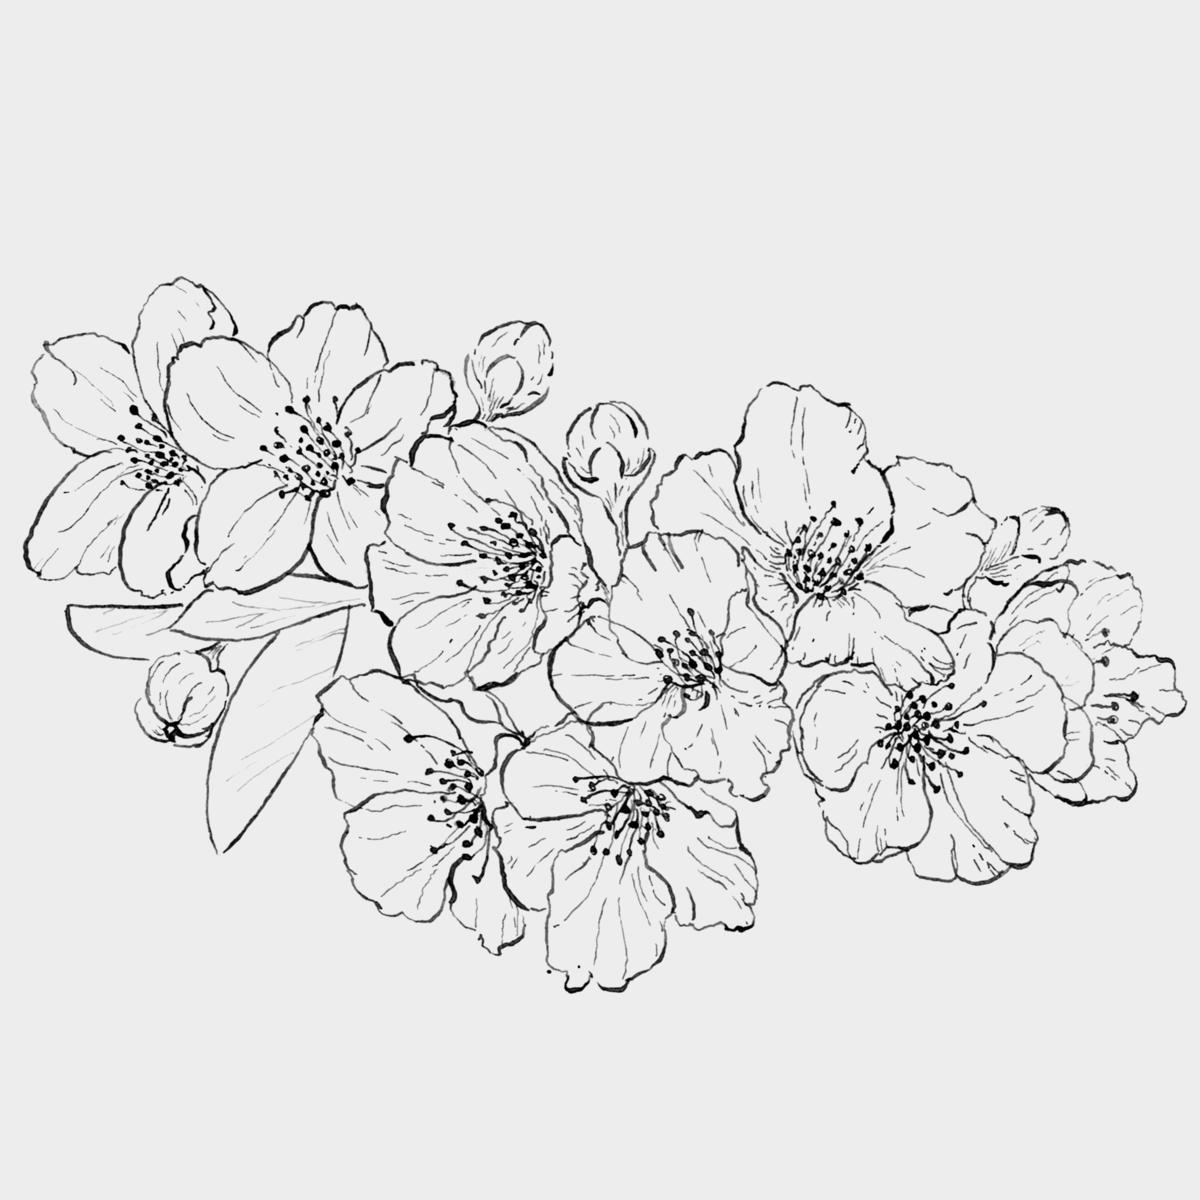 Картинки цветы на белом фоне нарисованные карандашом